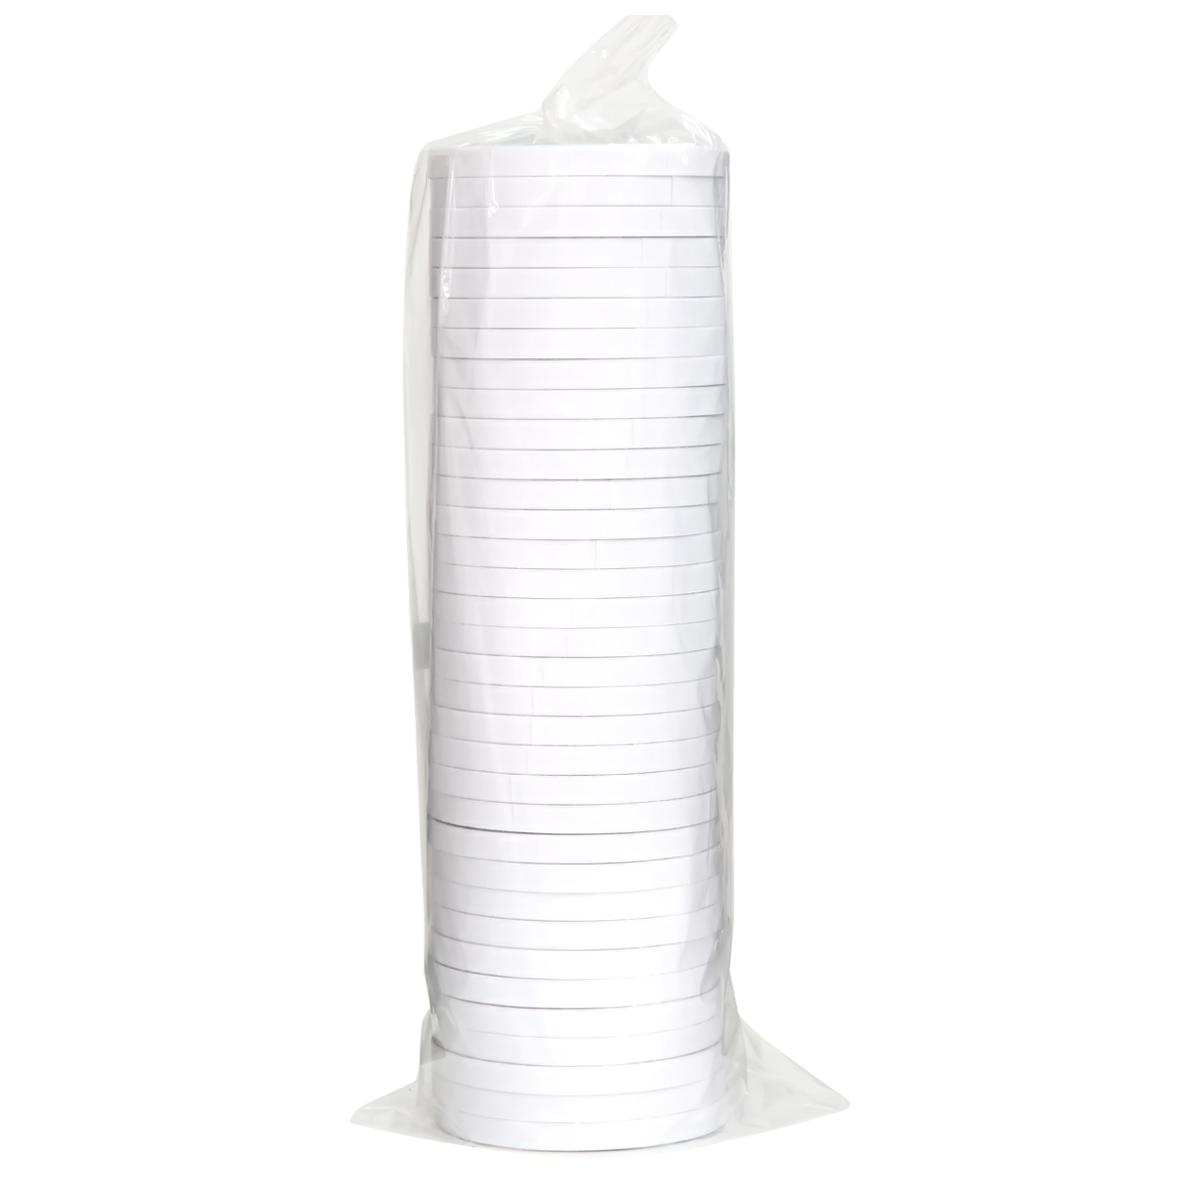 得力双面胶白色纸胶带 可手撕粘胶